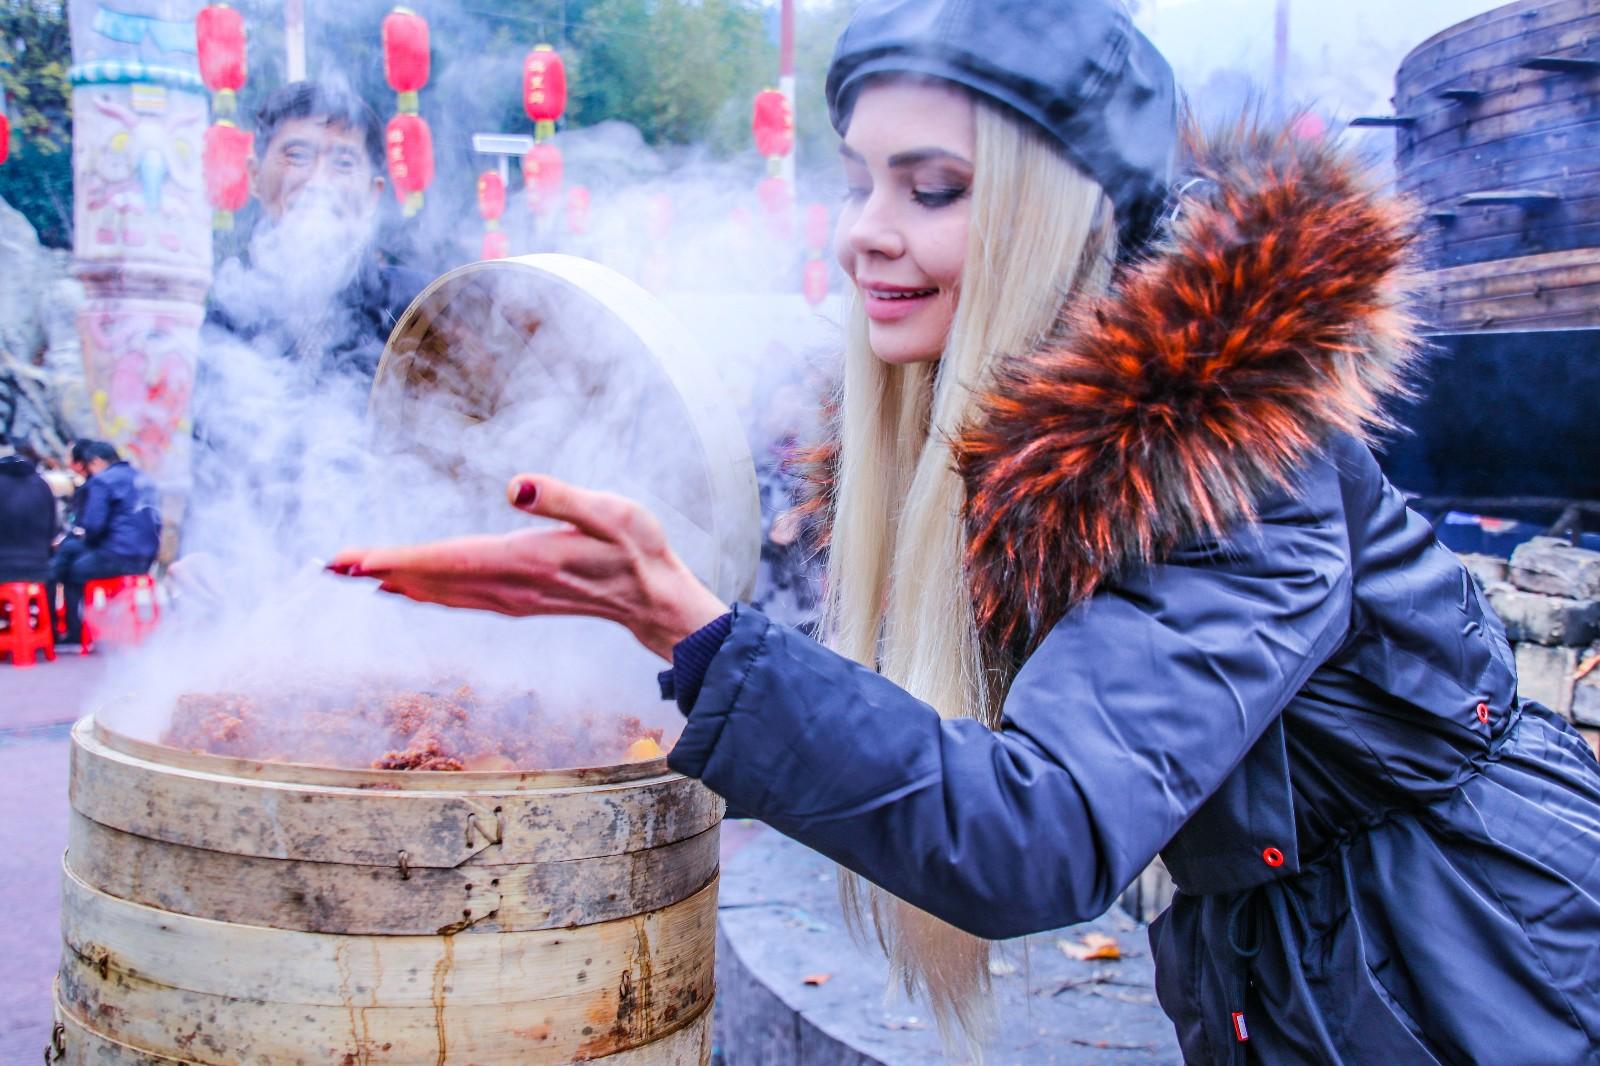 【新年輕度假】武漢年味兒最濃的地方 將年過出儀式感 連俄羅斯美女都來湊熱